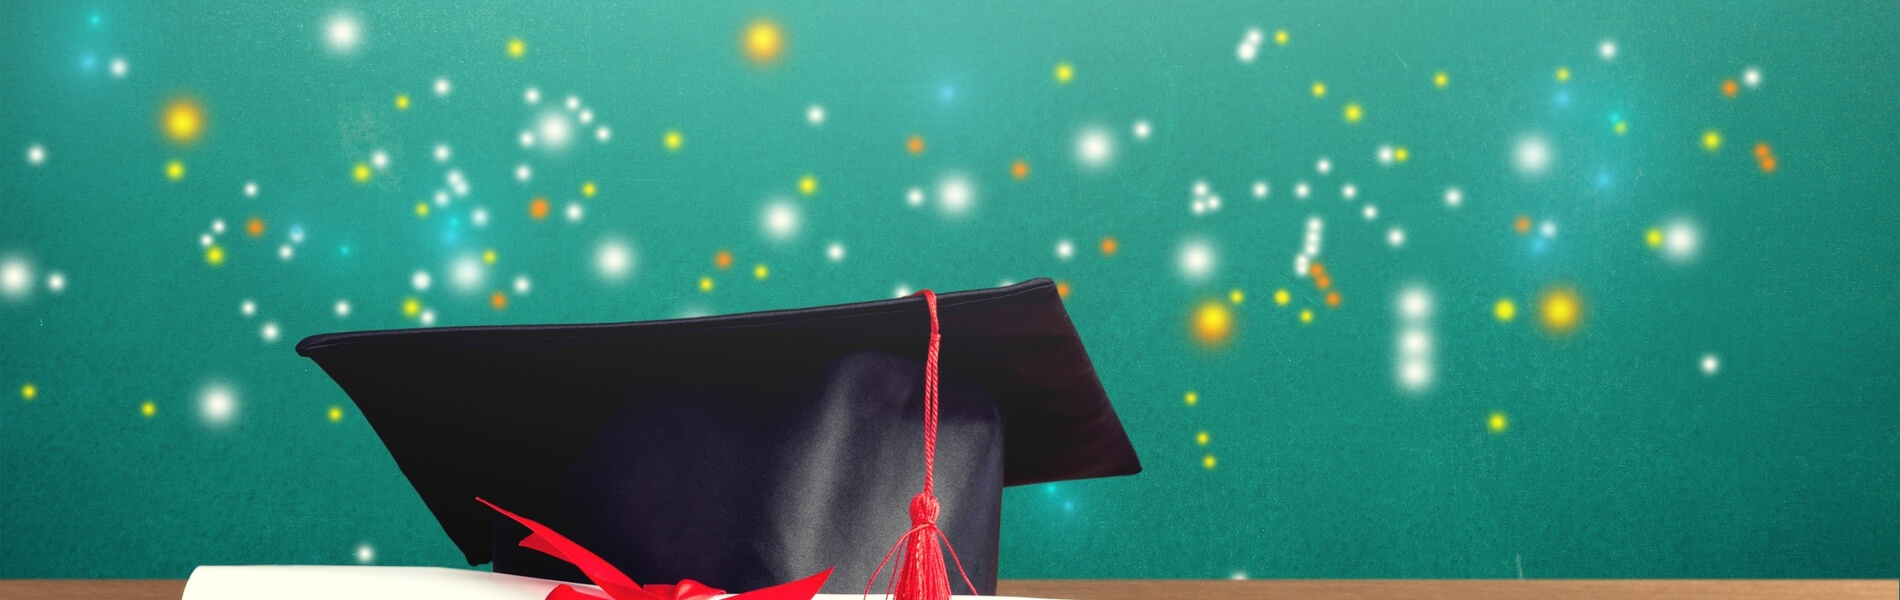 gradjobs-2018-graduate-recruitment-banner.jpg